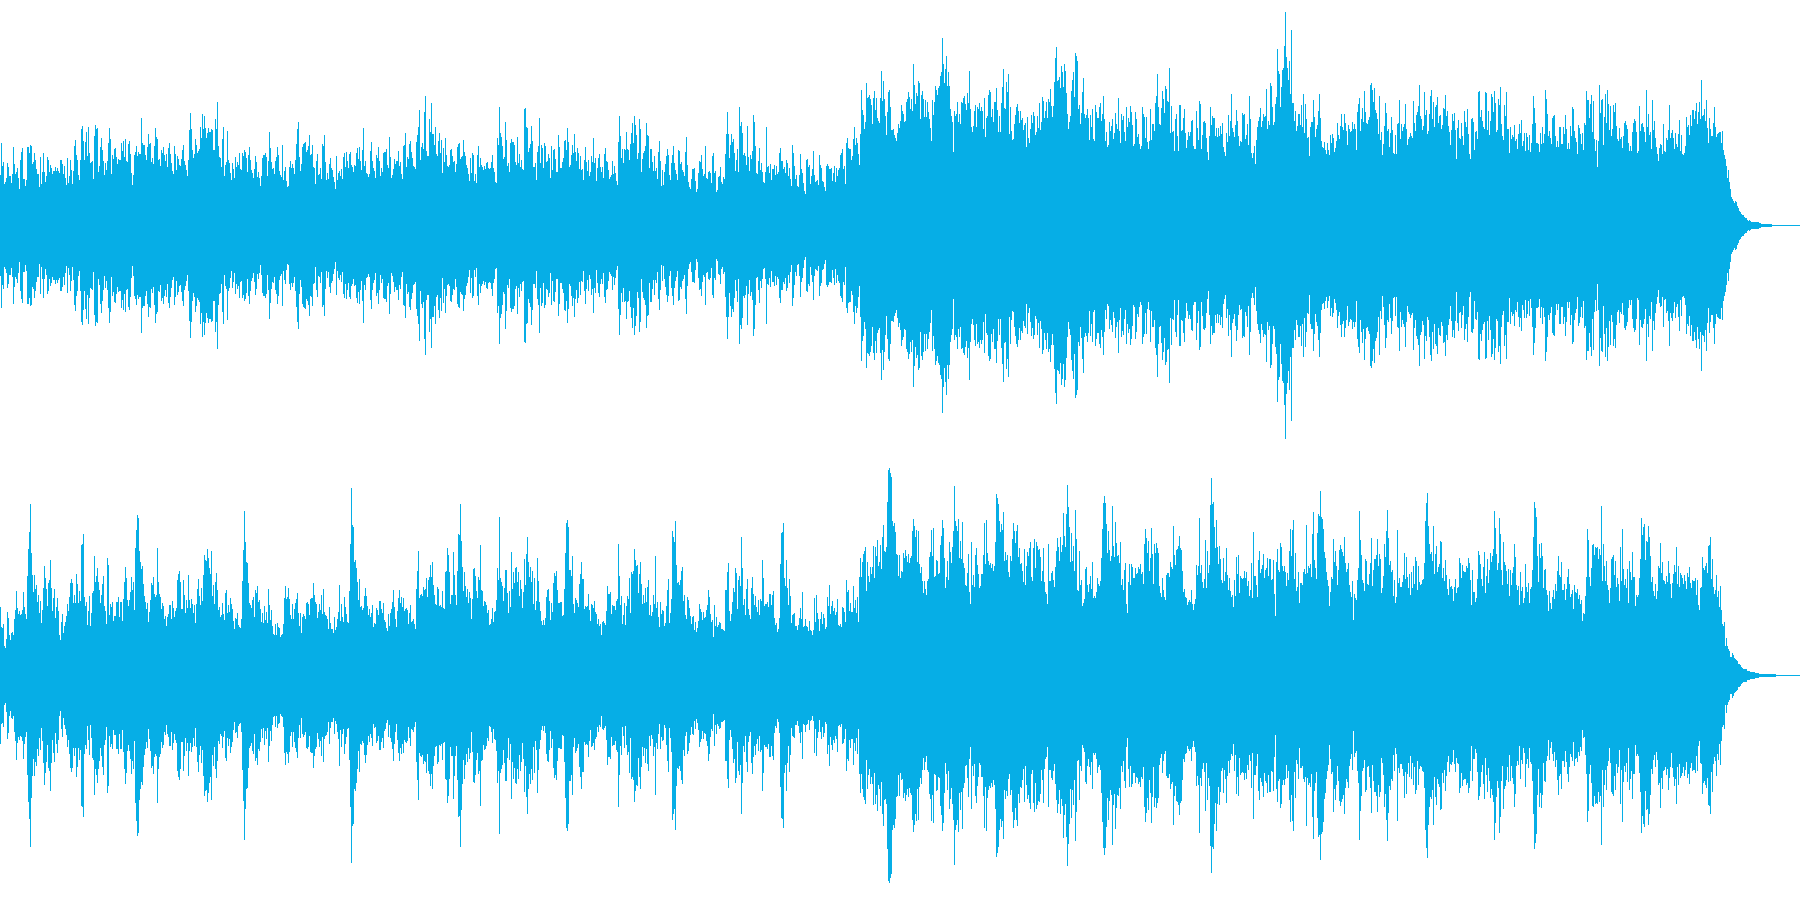 和風の幻想的な楽曲の再生済みの波形